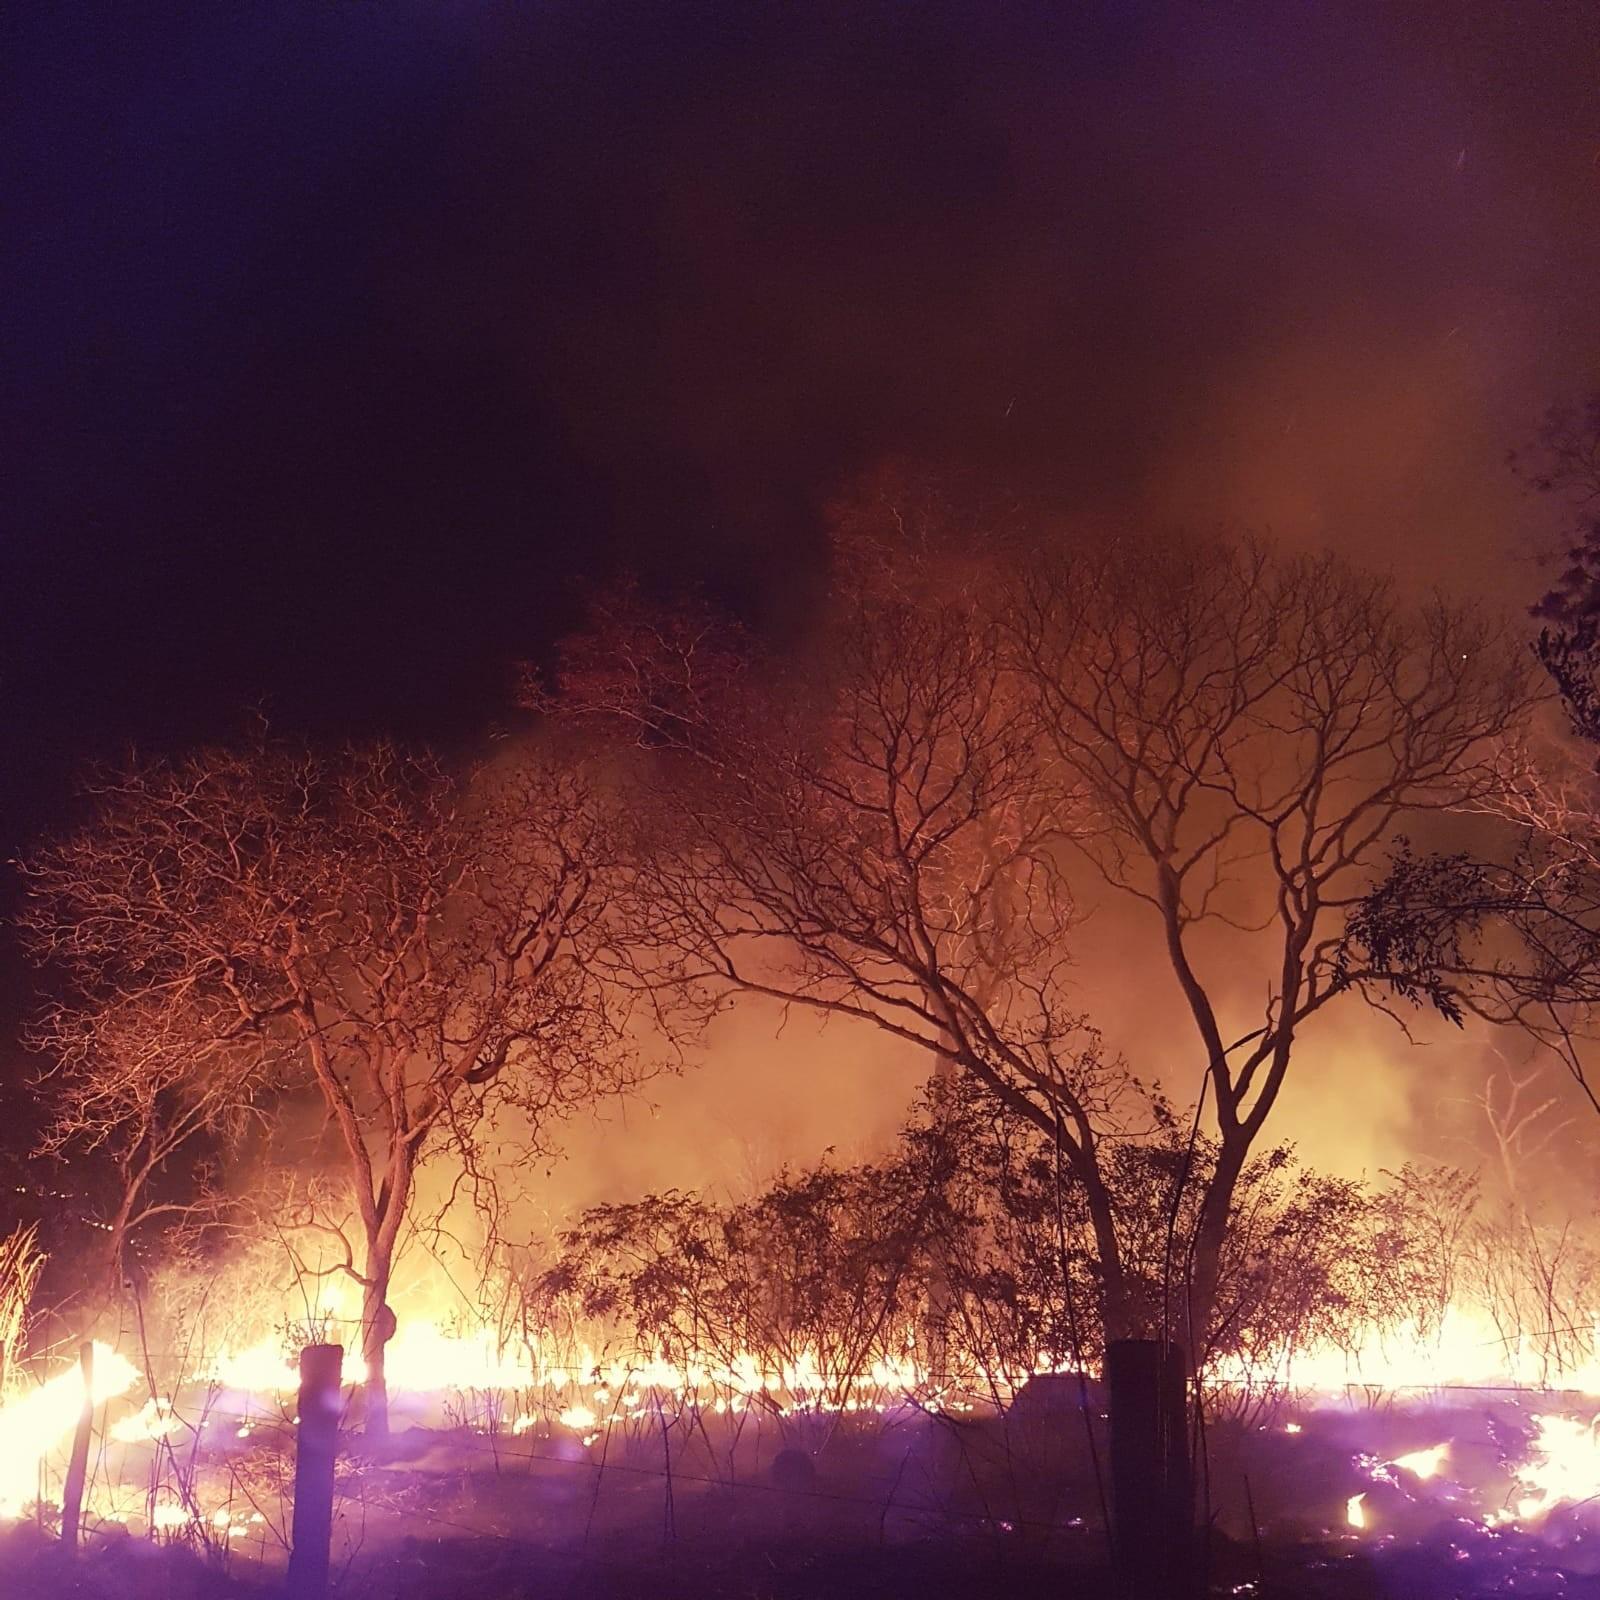 Incêndio chega ao fim em Arinos, MG, após 10 dias de combate e 20 mil hectares queimados